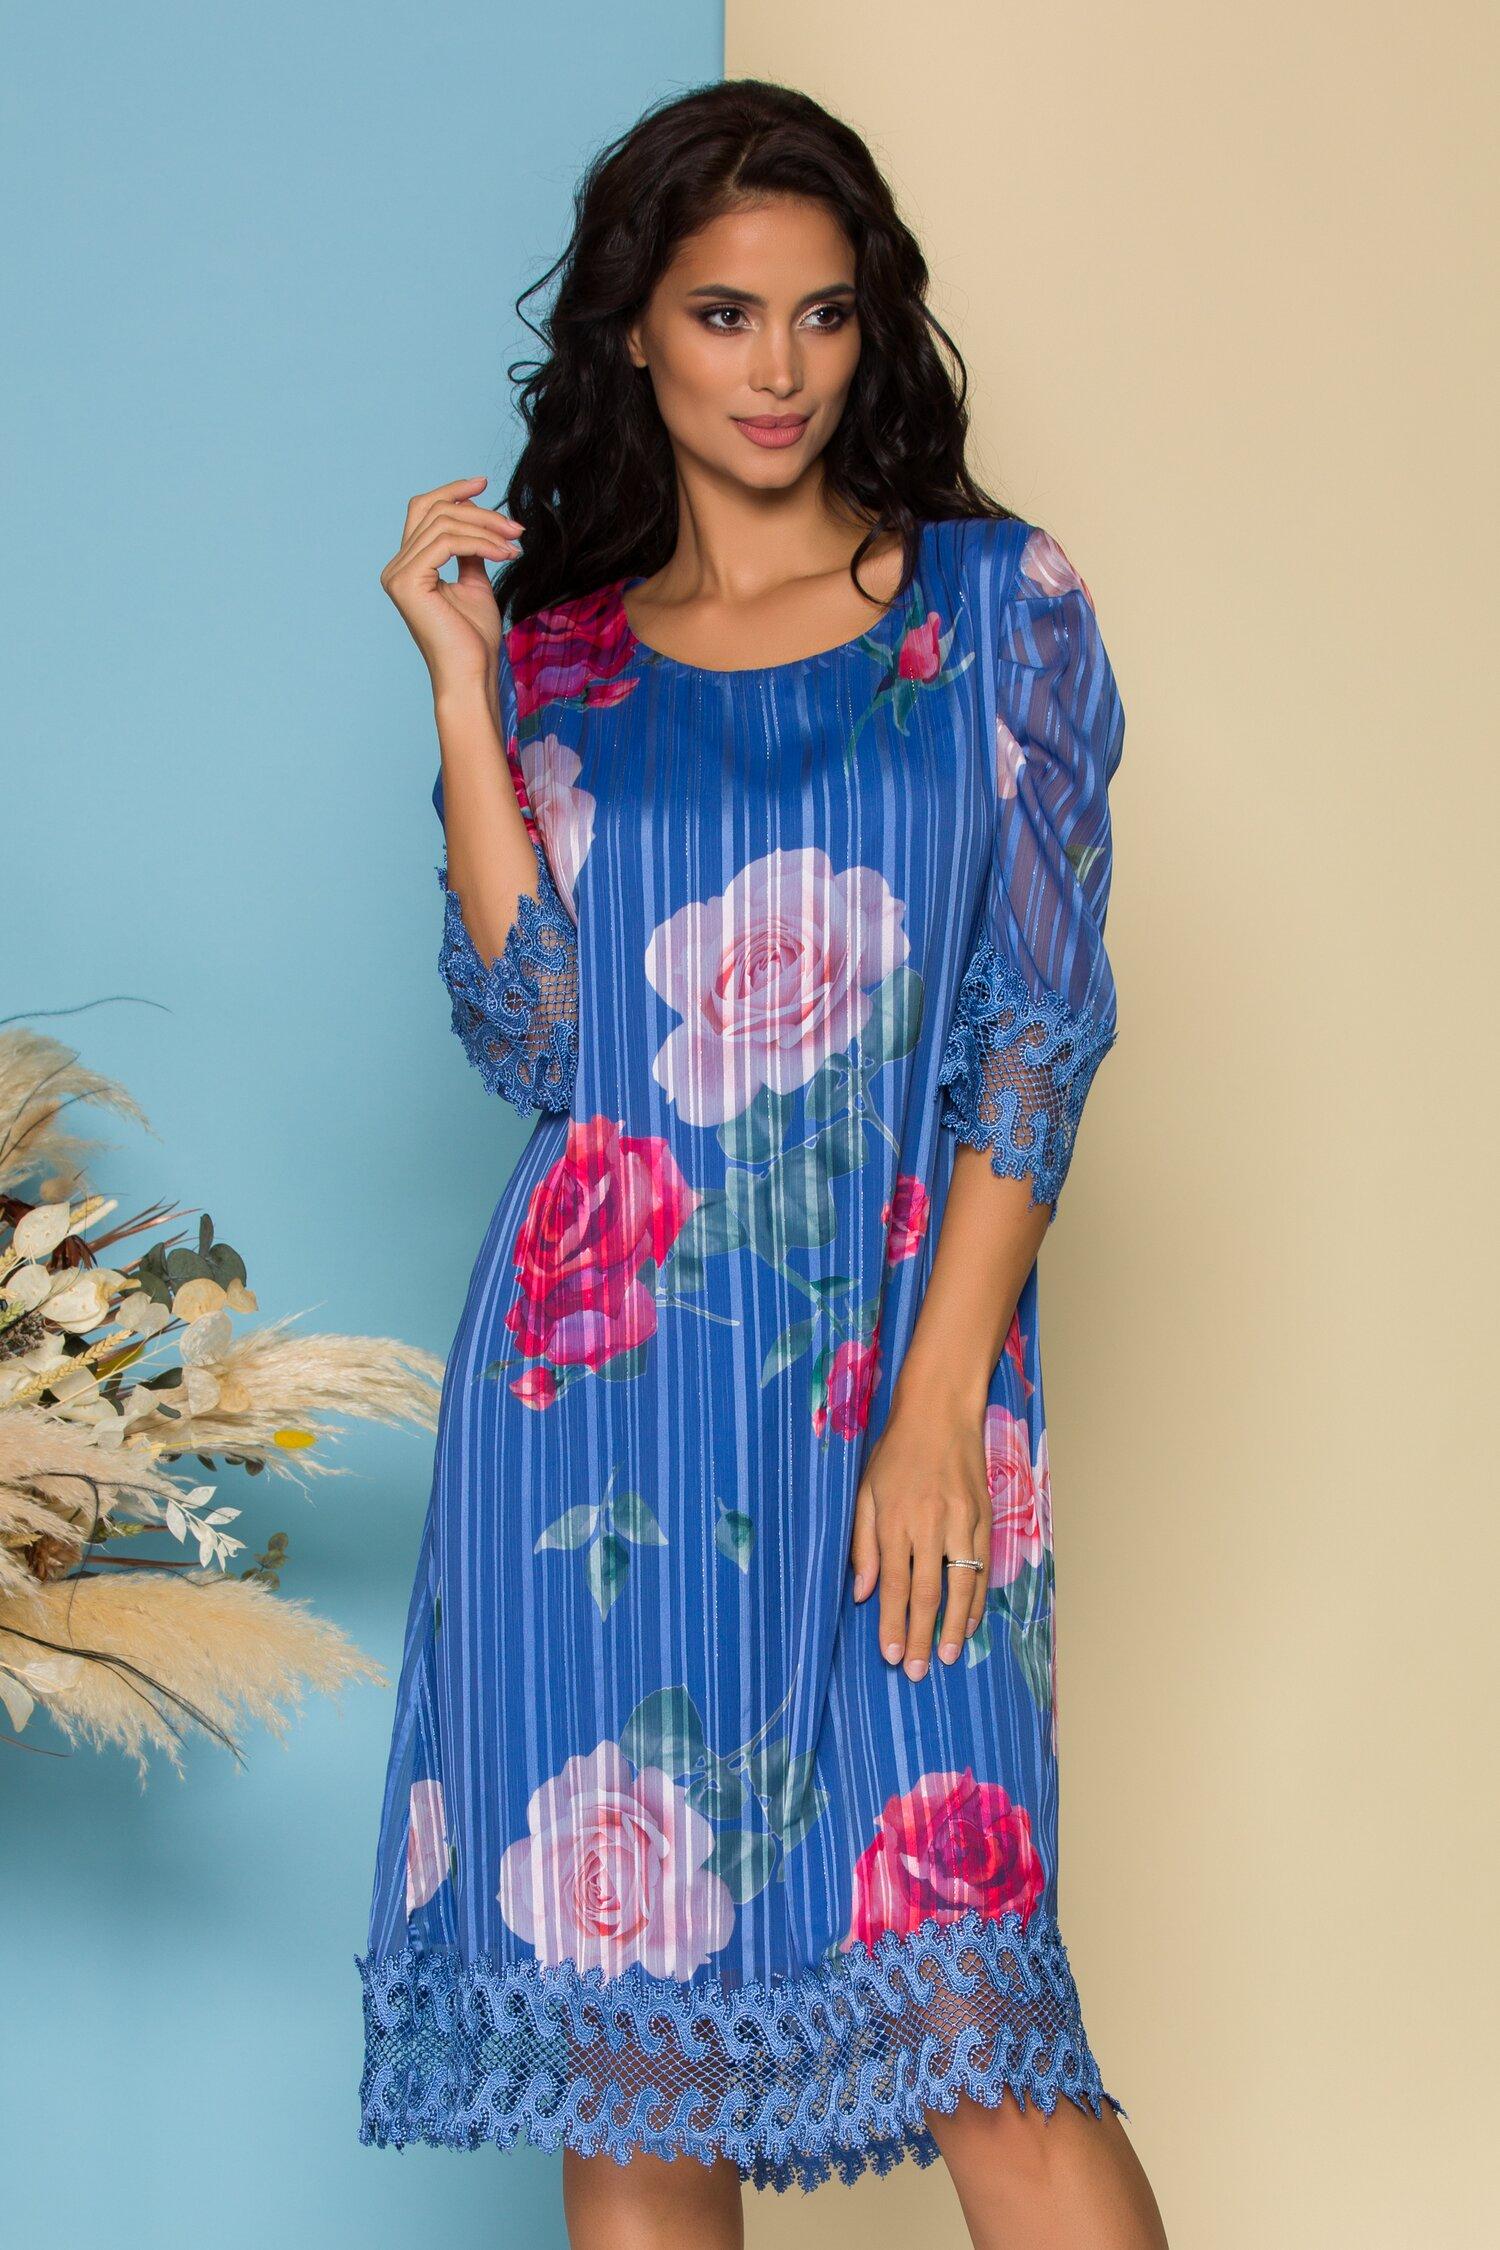 Rochie Cory albastra din voal cu imprimeu floral si design in dungi